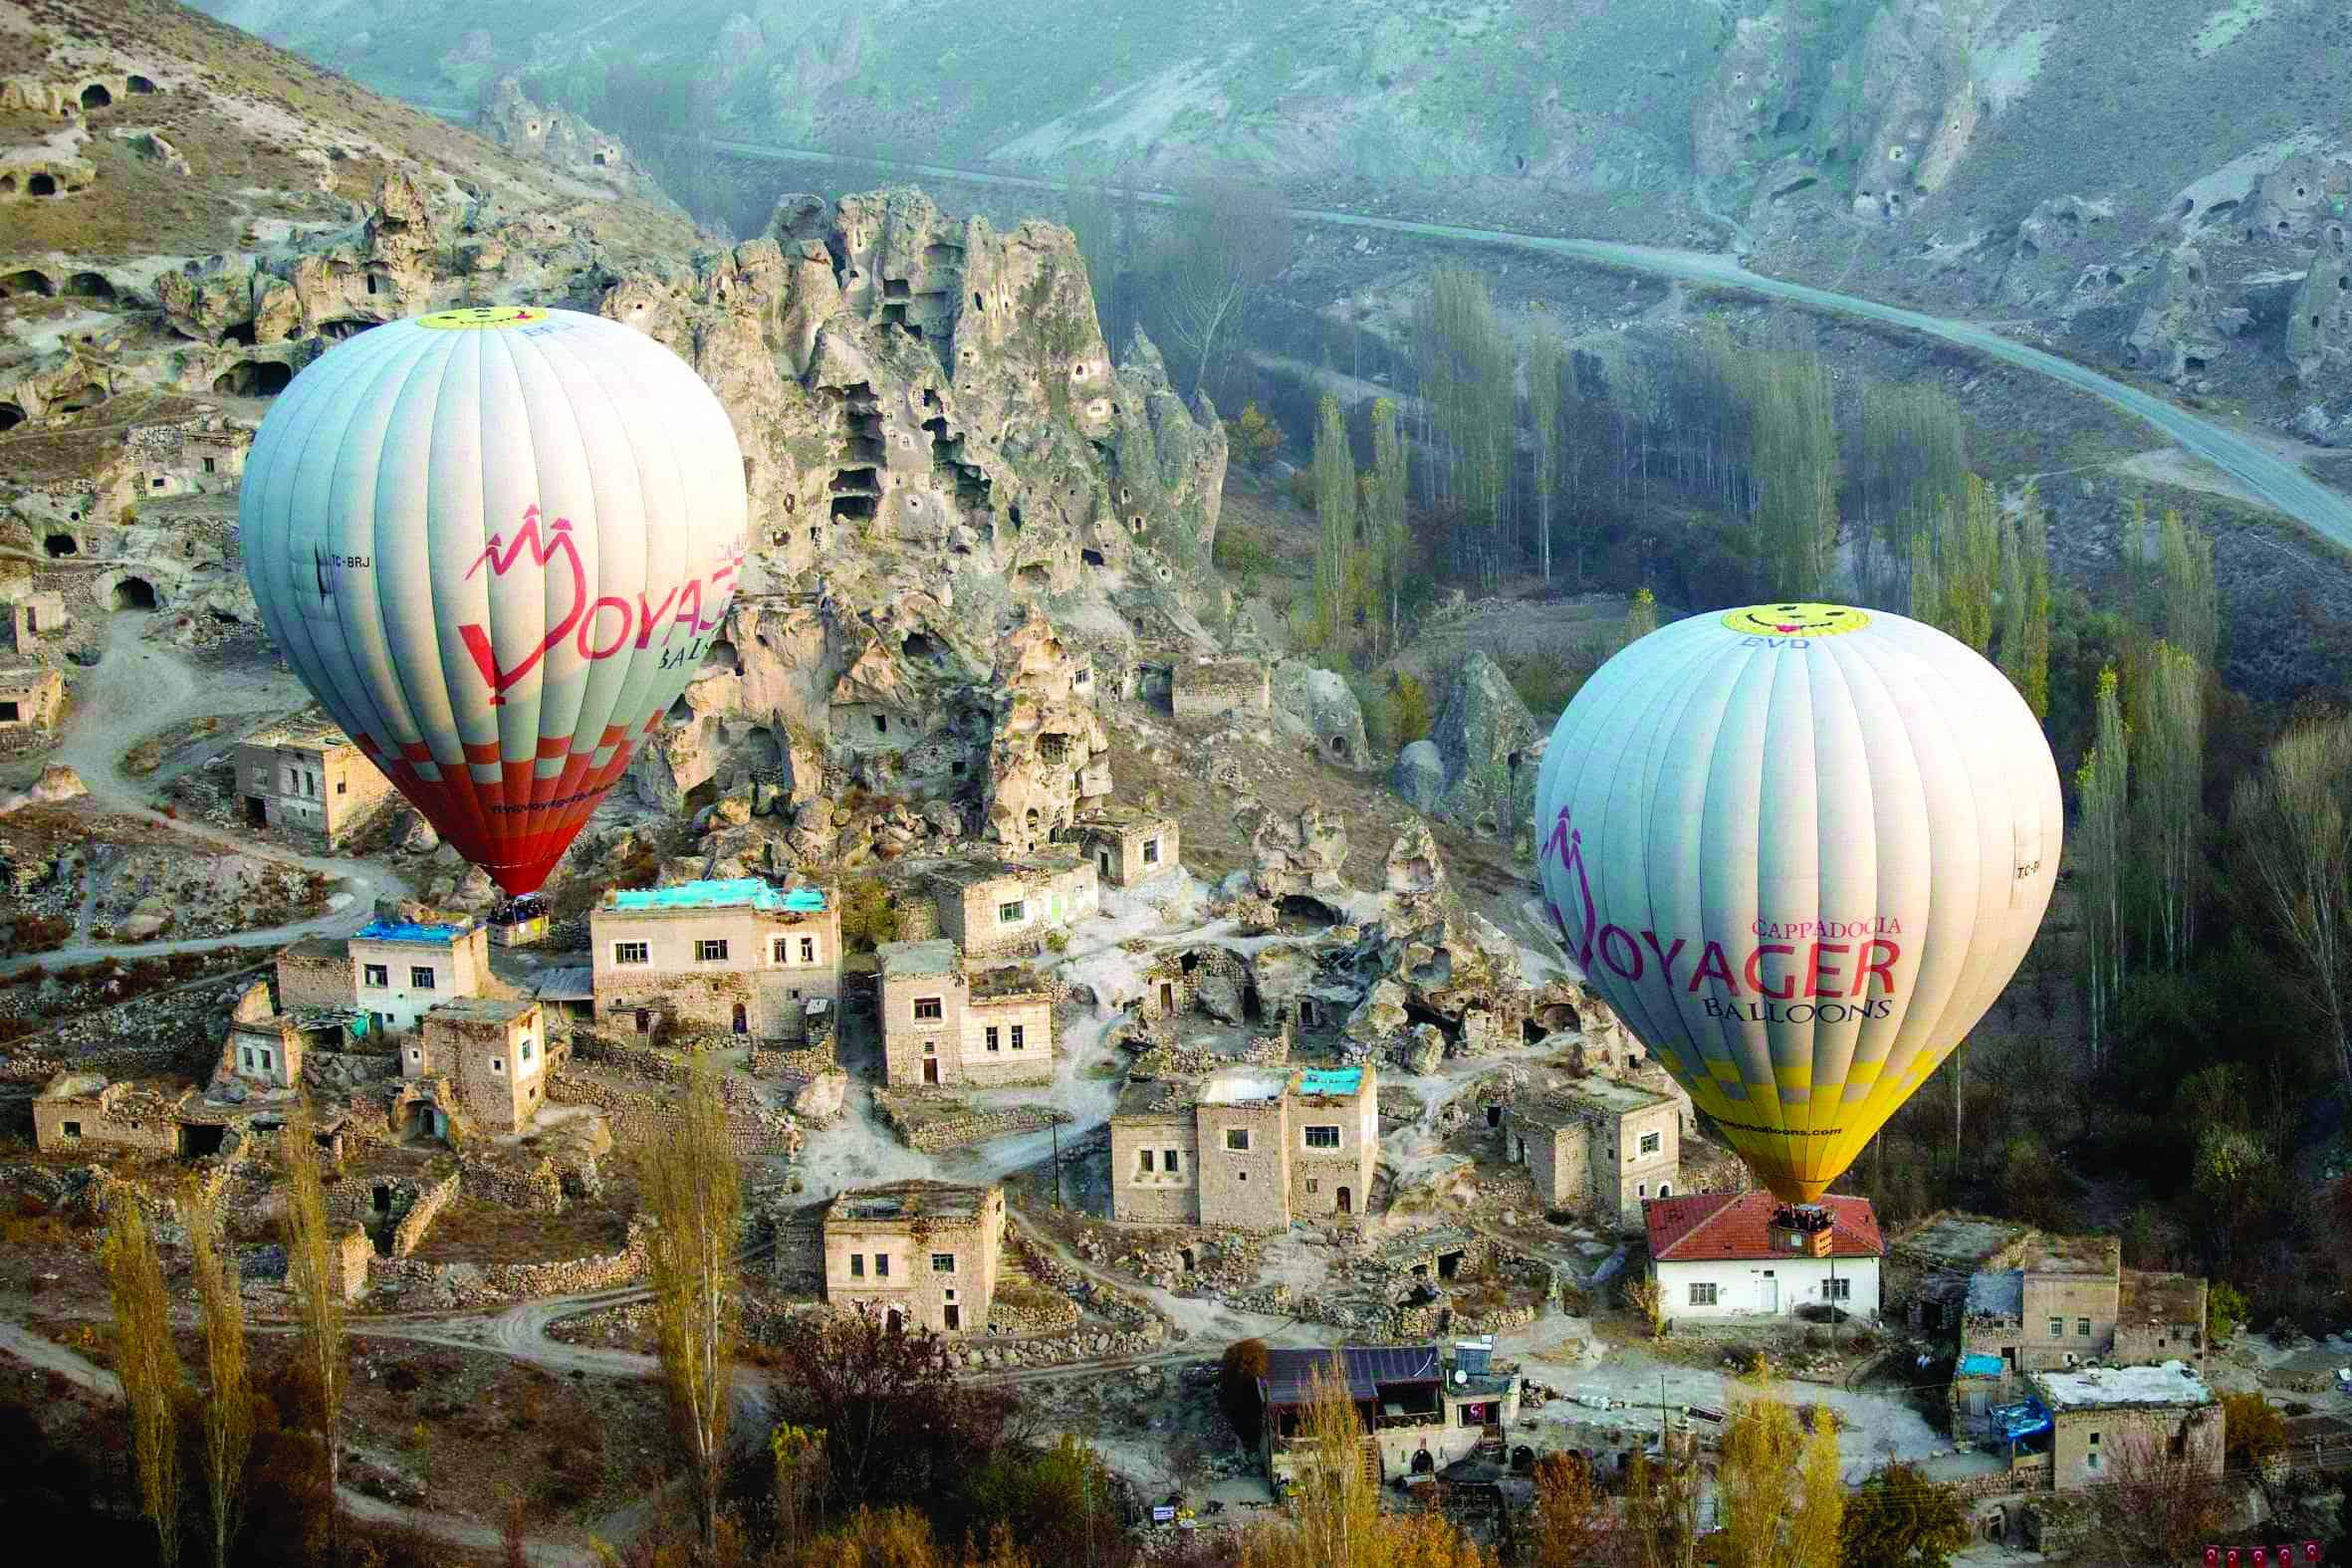 Two hot air balloon